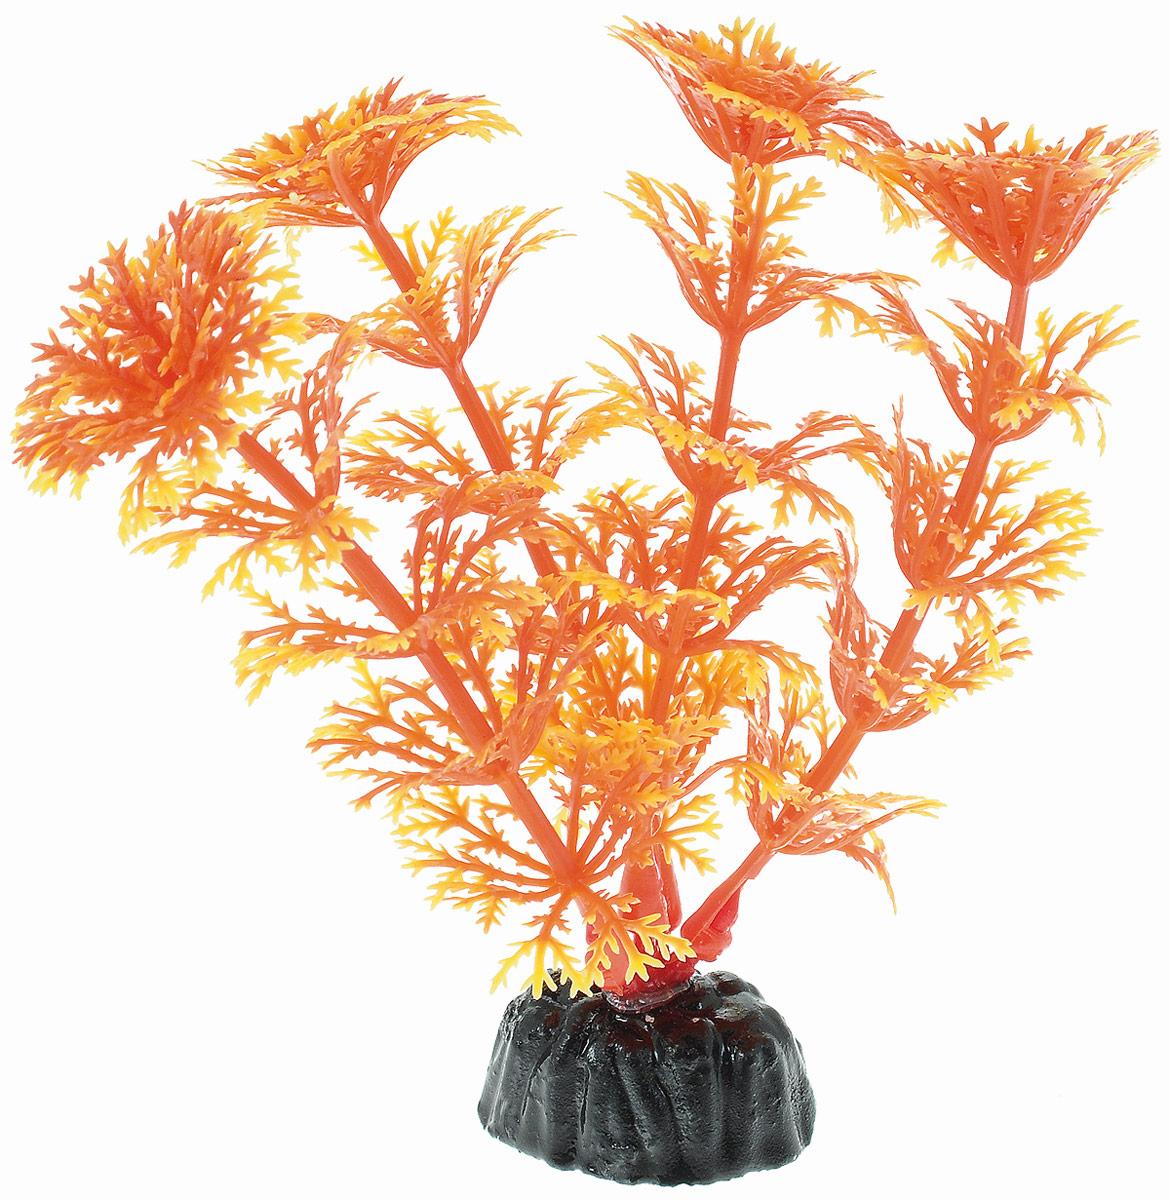 Растение для аквариума Barbus Кабомба, пластиковое, цвет: желто-оранжевый, высота 10 смPlant 021/10Растение Barbus Кабомба, выполненное из высококачественного нетоксичного пластика, станет оригинальным украшением вашего аквариума. Пластиковое растение идеально подходит для дизайна всех видов аквариумов. В воде происходит абсолютная имитация живых растений. Изделие не требует дополнительного ухода и просто в применении. Оно абсолютно безопасно, нейтрально к водному балансу, устойчиво к истиранию краски, подходит как для пресноводного, так и для морского аквариума. Растение для аквариума Barbus Кабомба поможет вам смоделировать потрясающий пейзаж на дне вашего аквариума.Высота растения: 10 см.